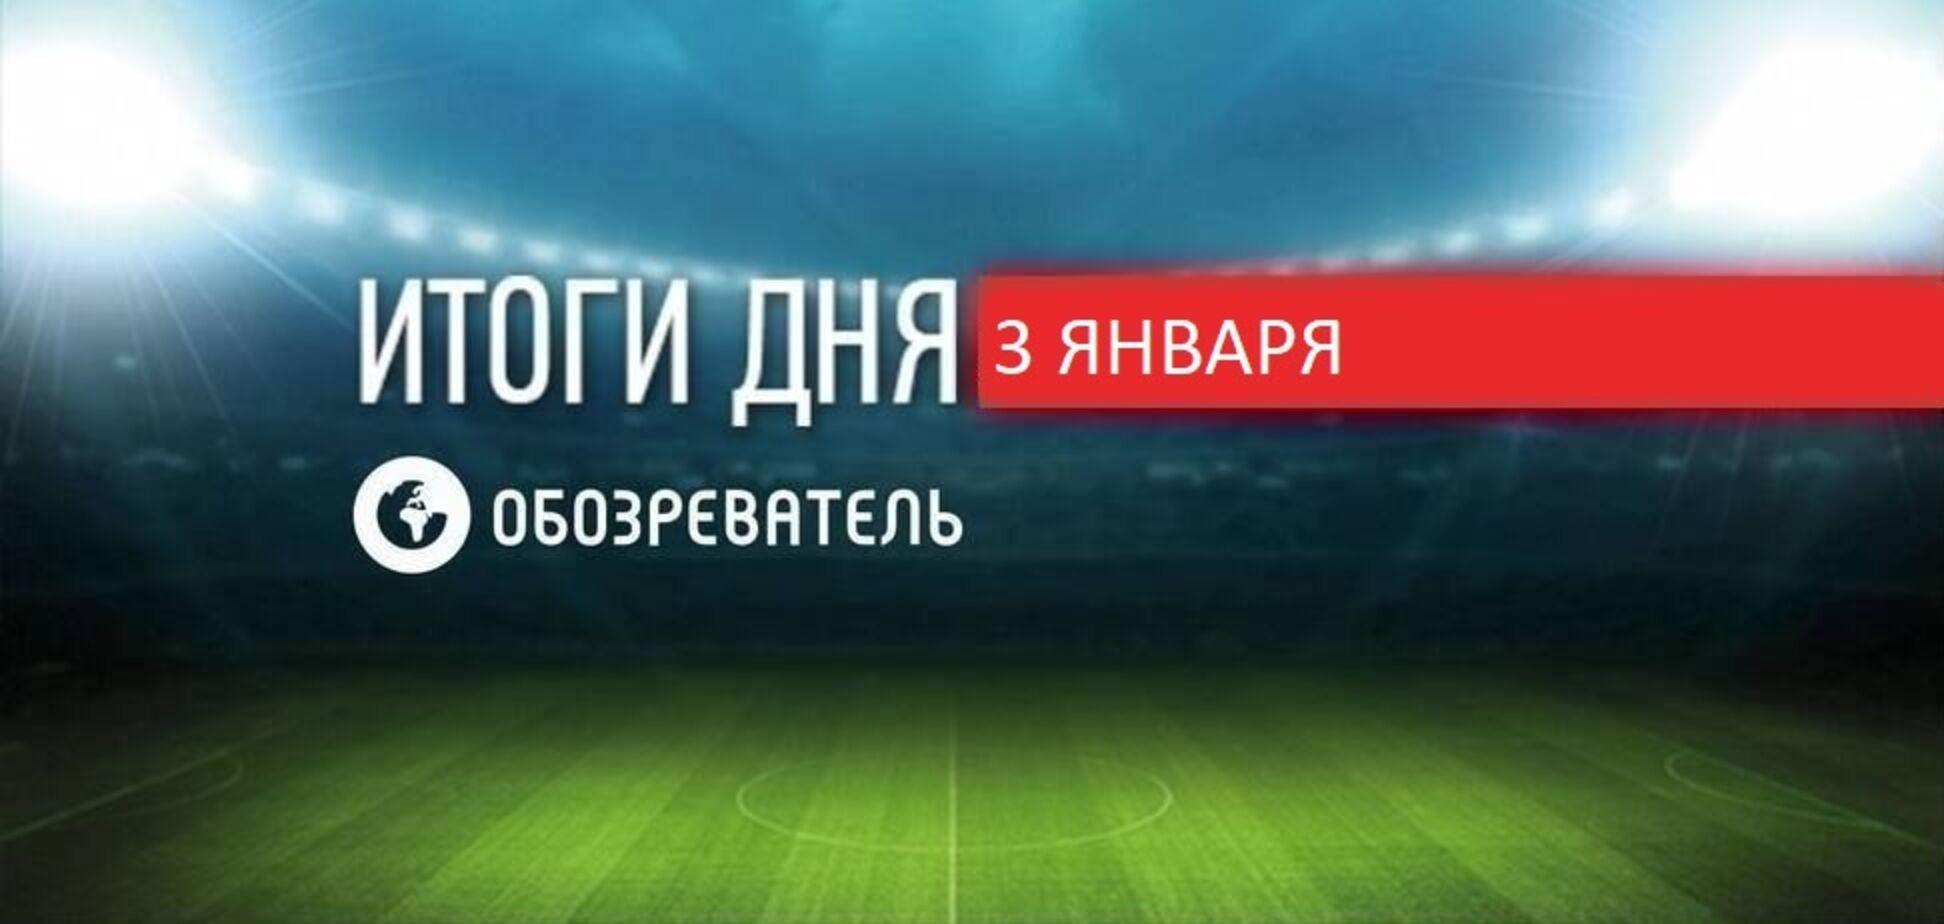 Український футболіст забив розкішний гол у Бельгії: спортивні підсумки 3 лютого